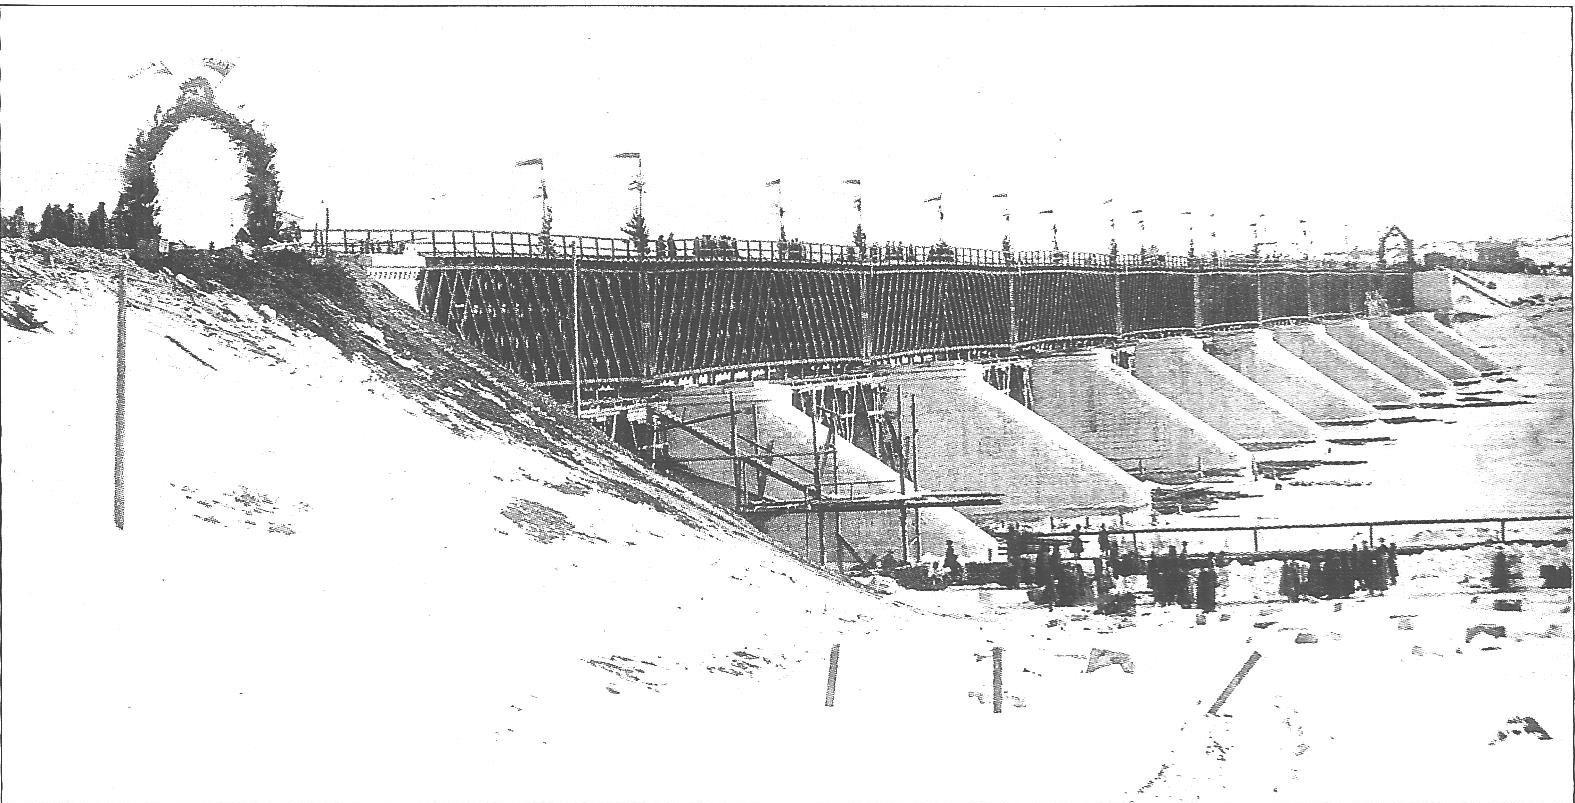 20 февраля 1865. Вид Окского моста в день открытия его.